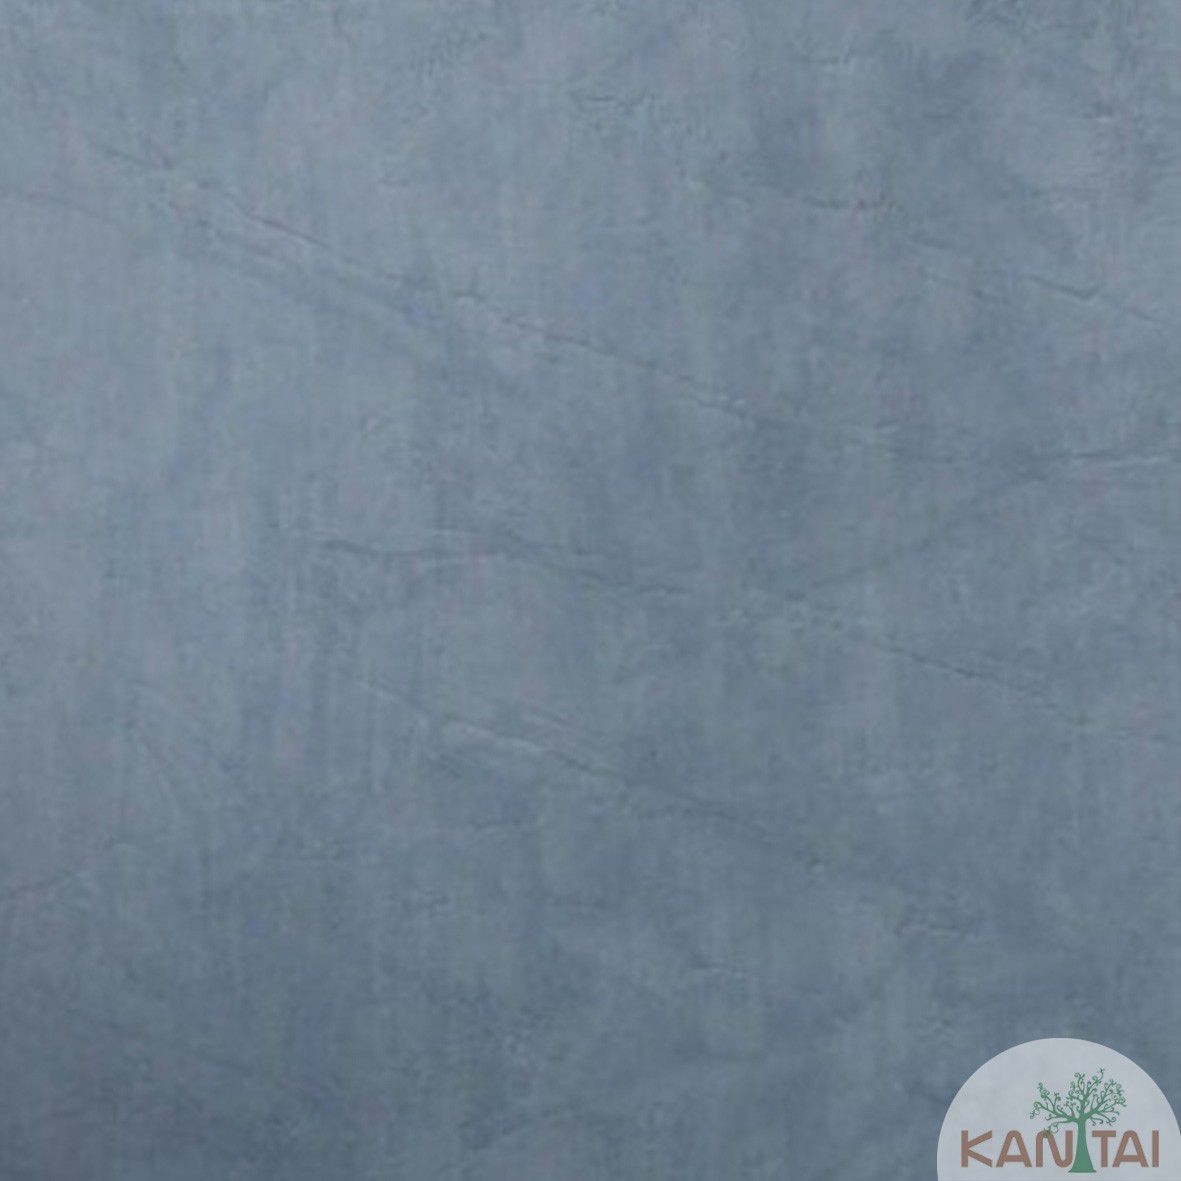 Papel de Parede  Kantai Vinilico Coleção Style Cimento Queimado Azul